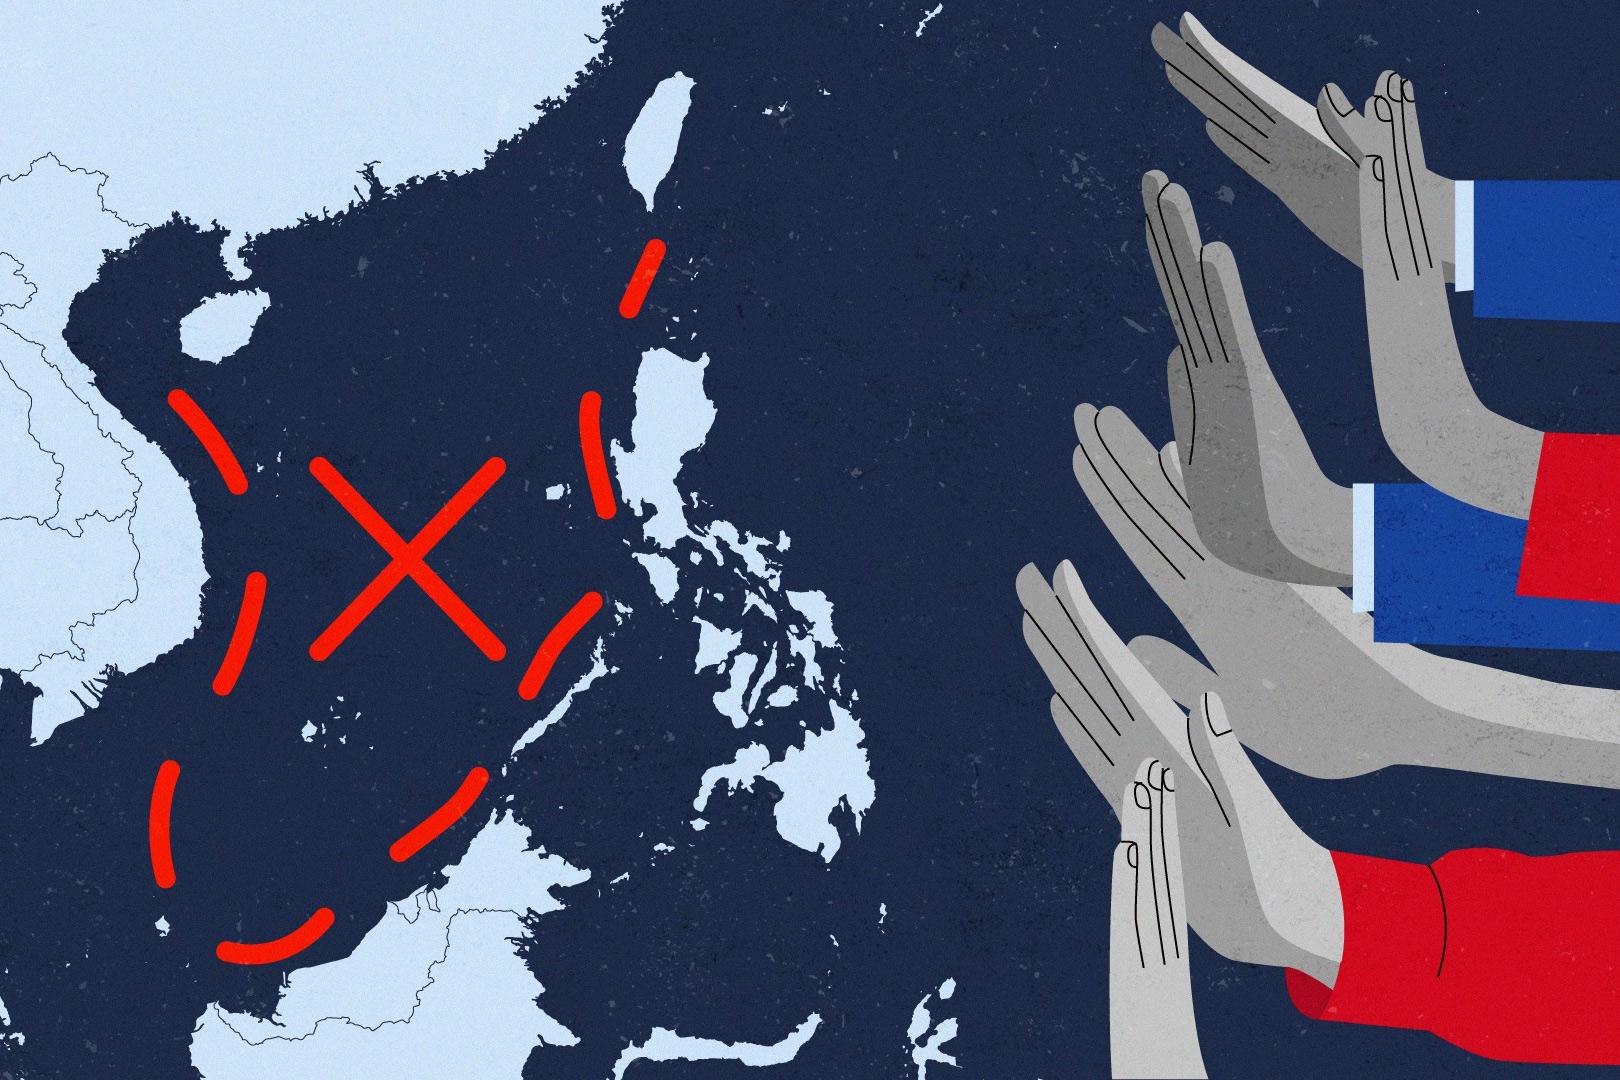 Trung Quốc mặc sức vẽ 'đường lưỡi bò': nguy hiểm hơn sức mạnh quân sự